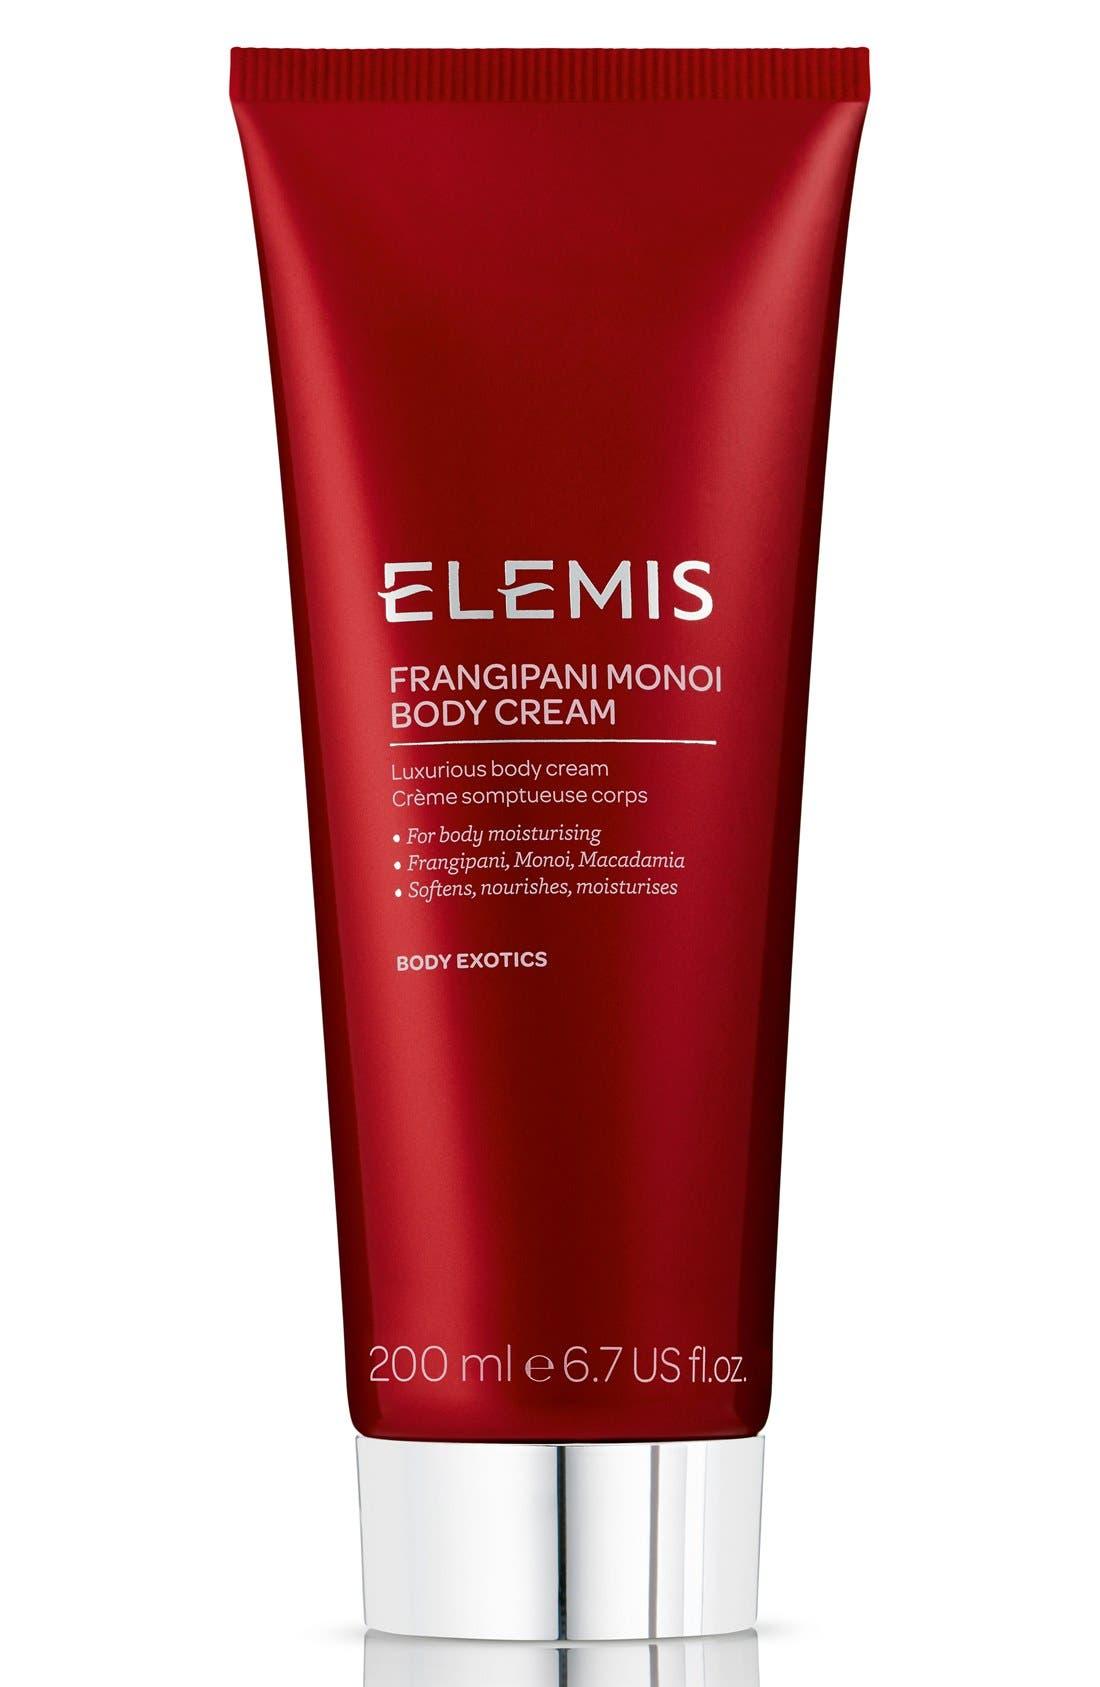 Elemis Frangipani Monoi Body Cream